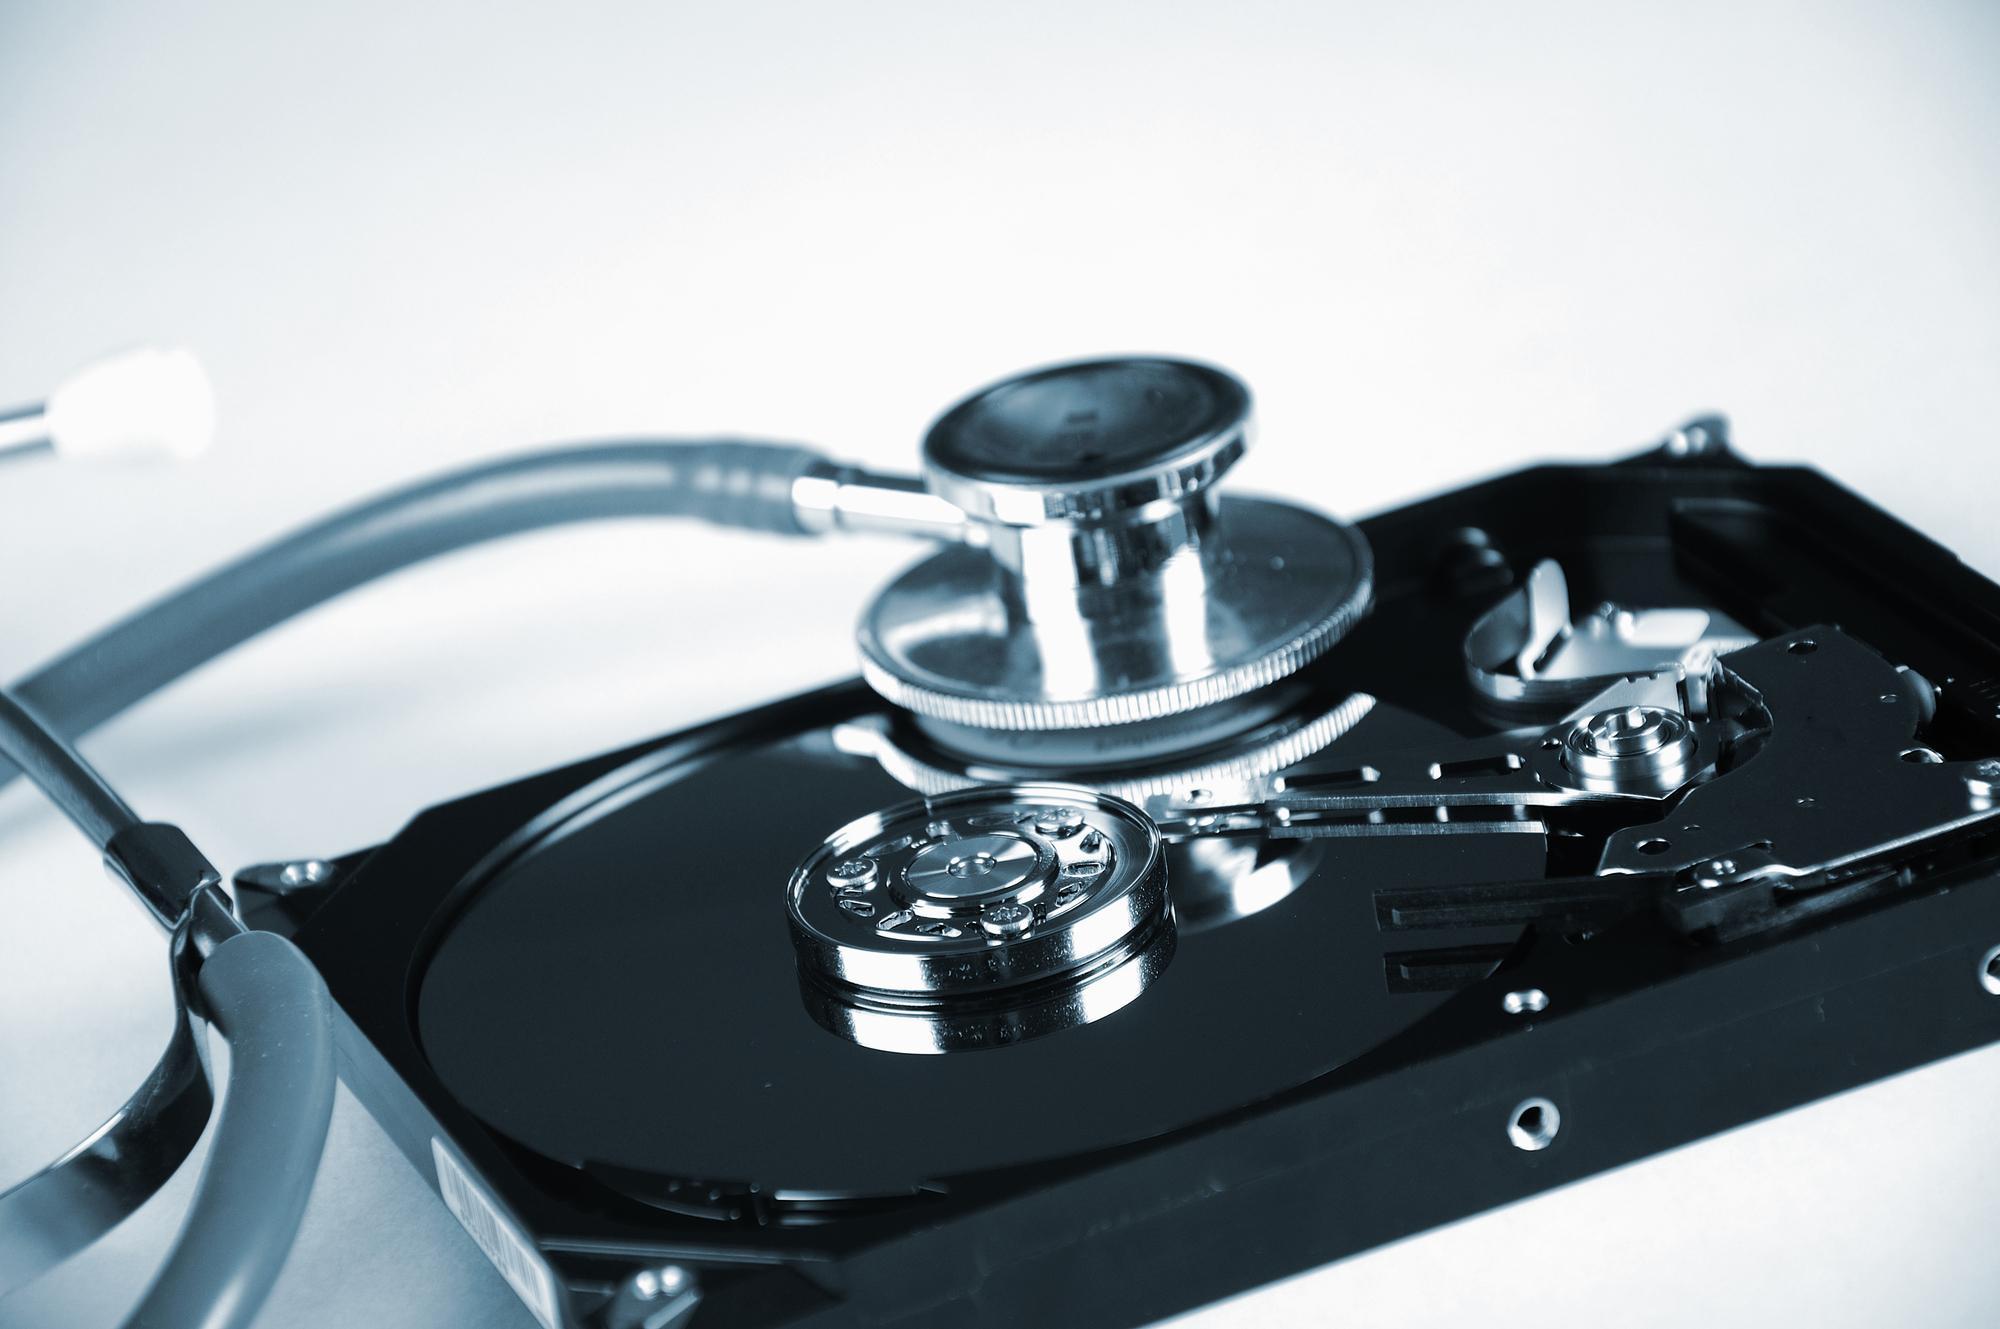 Odzyskiwanie danych z z uszkodzonego dysku SSD darmowe programy a praca fachowca.